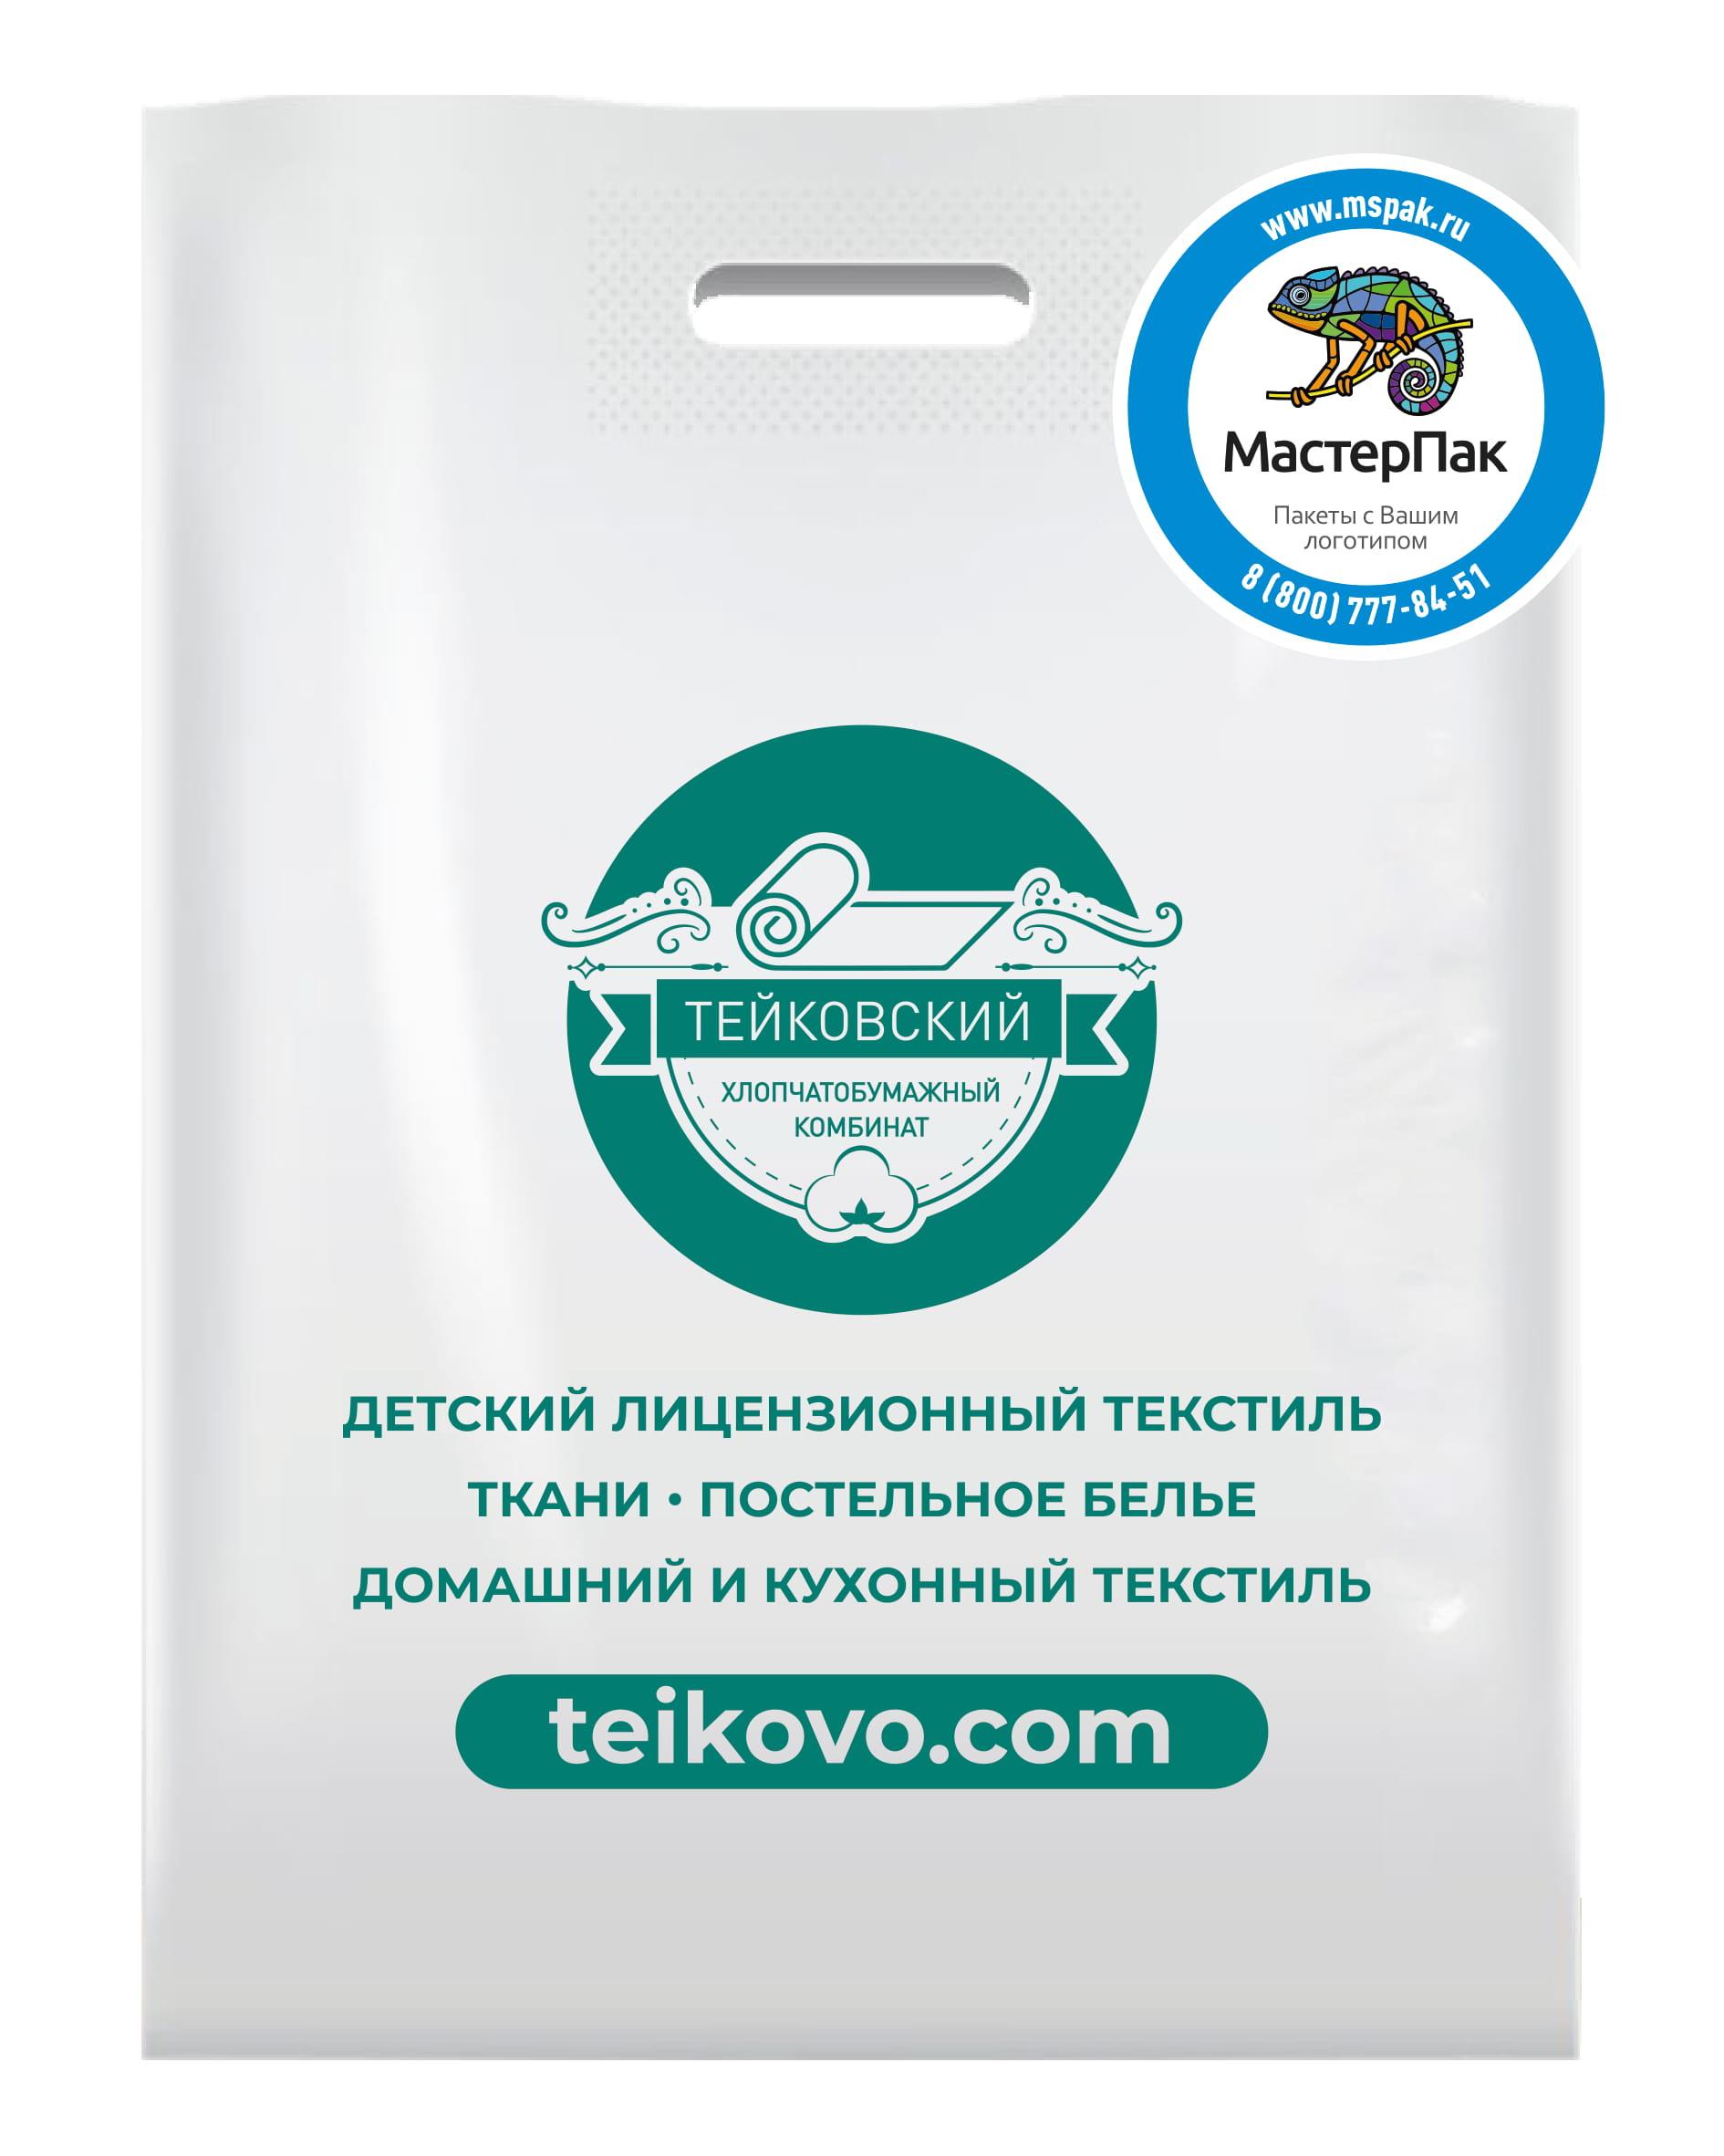 Пакет ПВД с логотипом Тейковский хлопчатобумажный комбинат, 70 мкм, 30*40